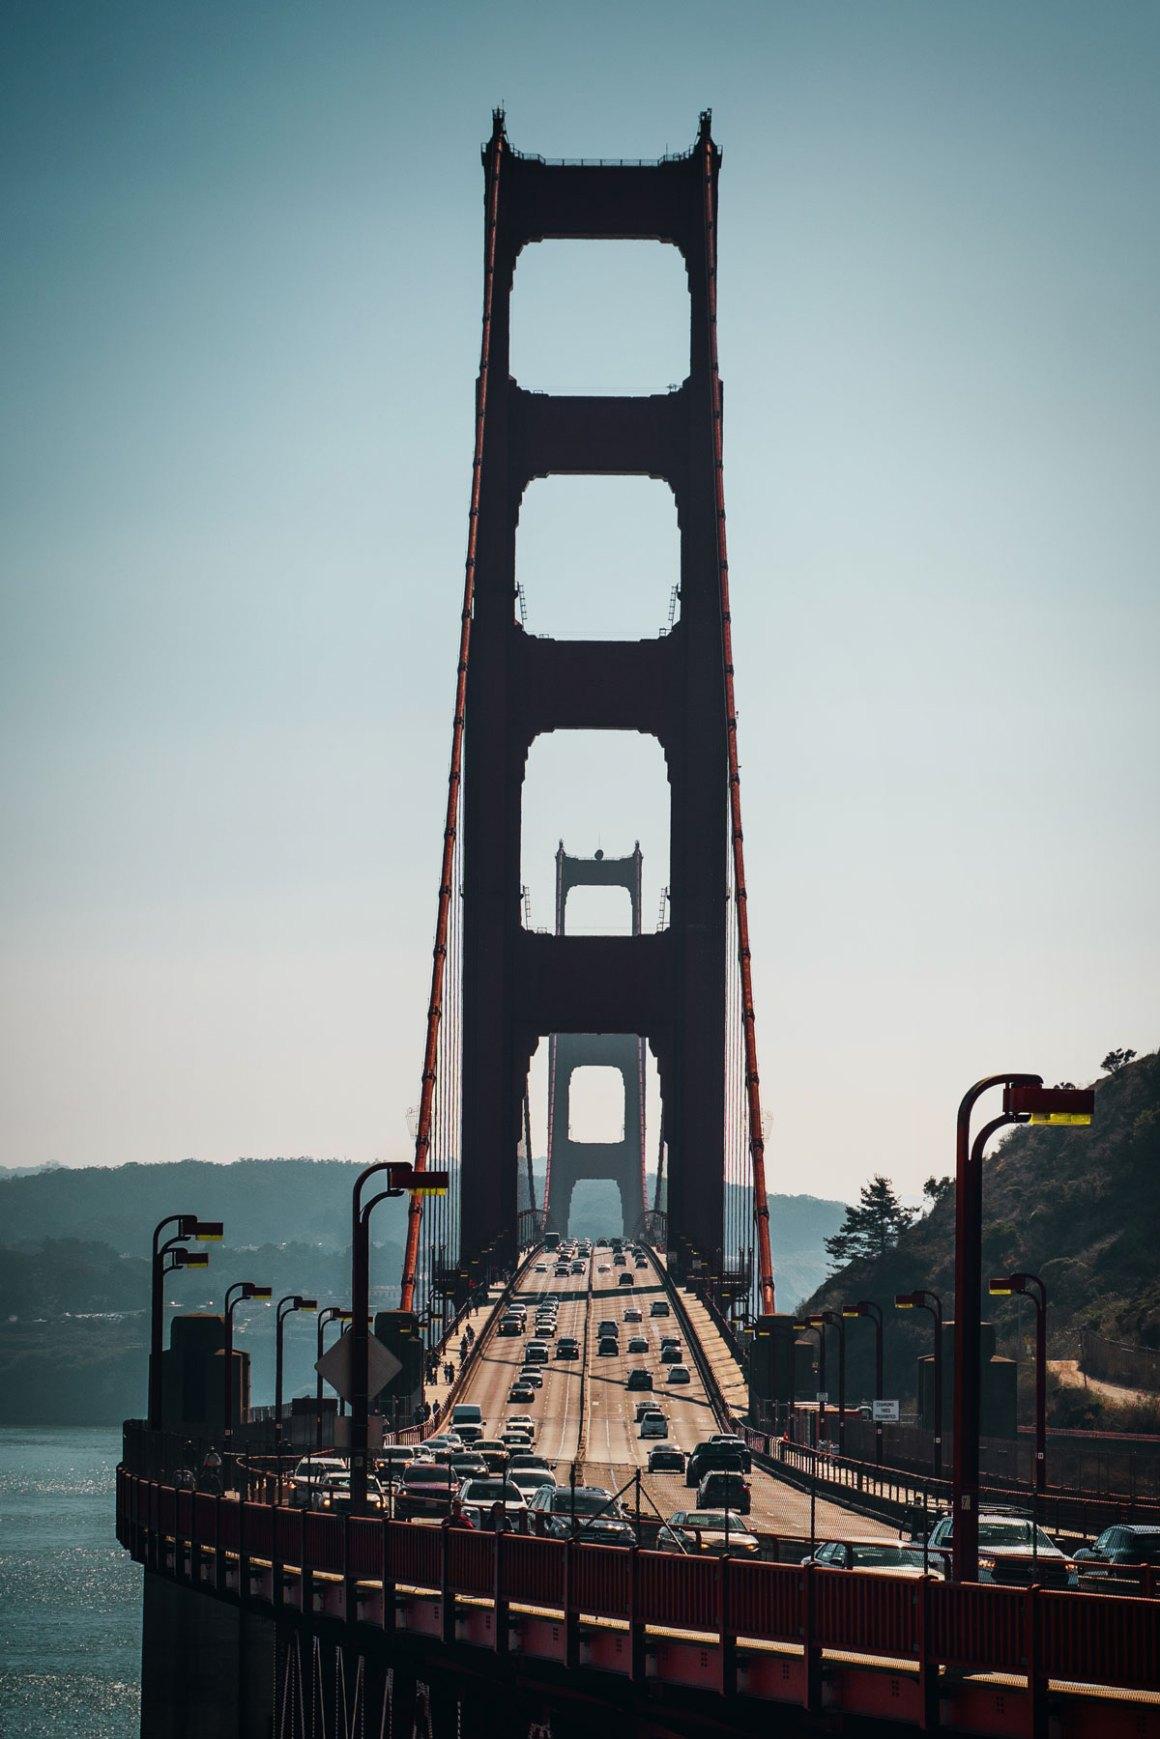 """Op het uitzichtpunt van Golden Gate van Vista Point """"class ="""" lazy lazy-hidden wp-image-43394 """"srcset ="""" https://viel-unterwegs.de/wp-content/uploads/2020/03/golden-gate-bridge-view -vista-point.jpg 1200w, https://viel-unterwegs.de/wp-content/uploads/2020/03/golden-gate-bridge-view-vista-point-333x500.jpg 333w, https: // veel -unterwegs.de/wp-content/uploads/2020/03/golden-gate-bridge-view-vista-point-533x800.jpg 533w, https://viel-unterwegs.de/wp-content/uploads/2020/ 03 / golden-gate-bridge-view-vista-point-768x1152.jpg 768w, https://viel-unterwegs.de/wp-content/uploads/2020/03/golden-gate-bridge-view-vista-point -1024x1536.jpg 1024w """"data-lazy-sizes ="""" (max. Breedte: 1200px) 100vw, 1200px"""